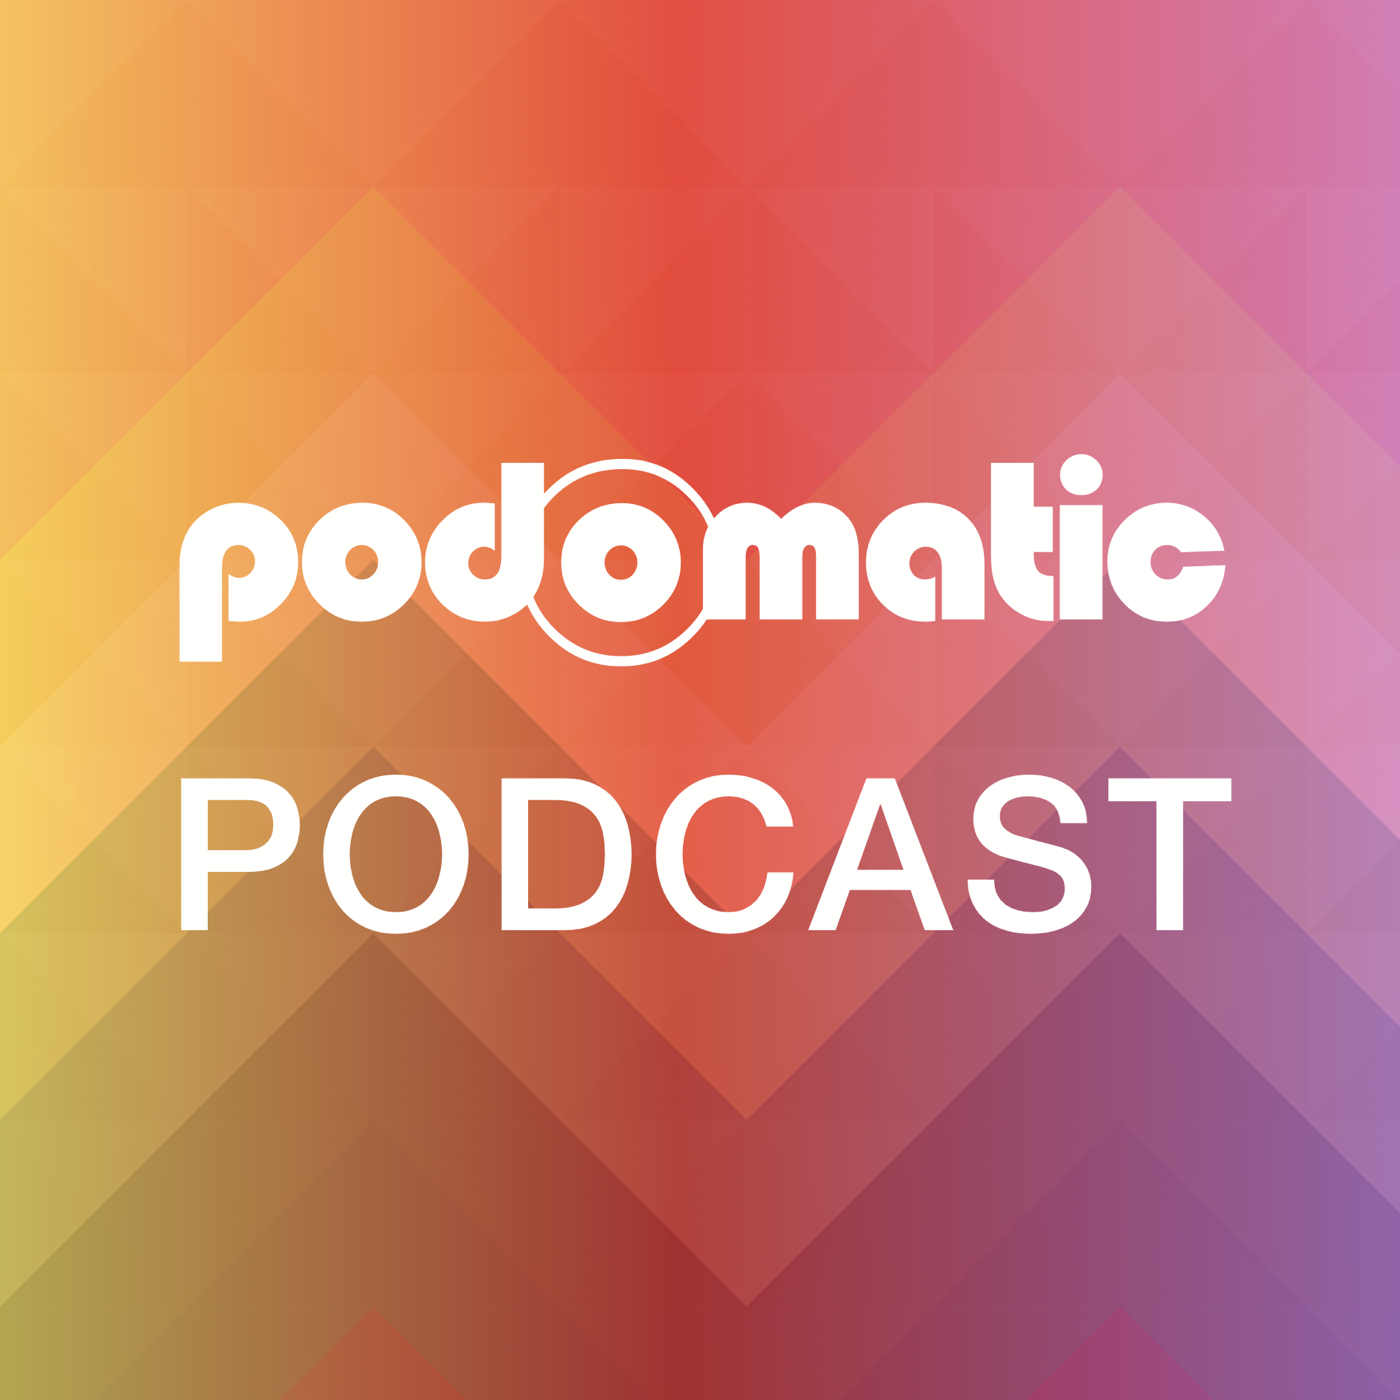 CrmPro's Podcast